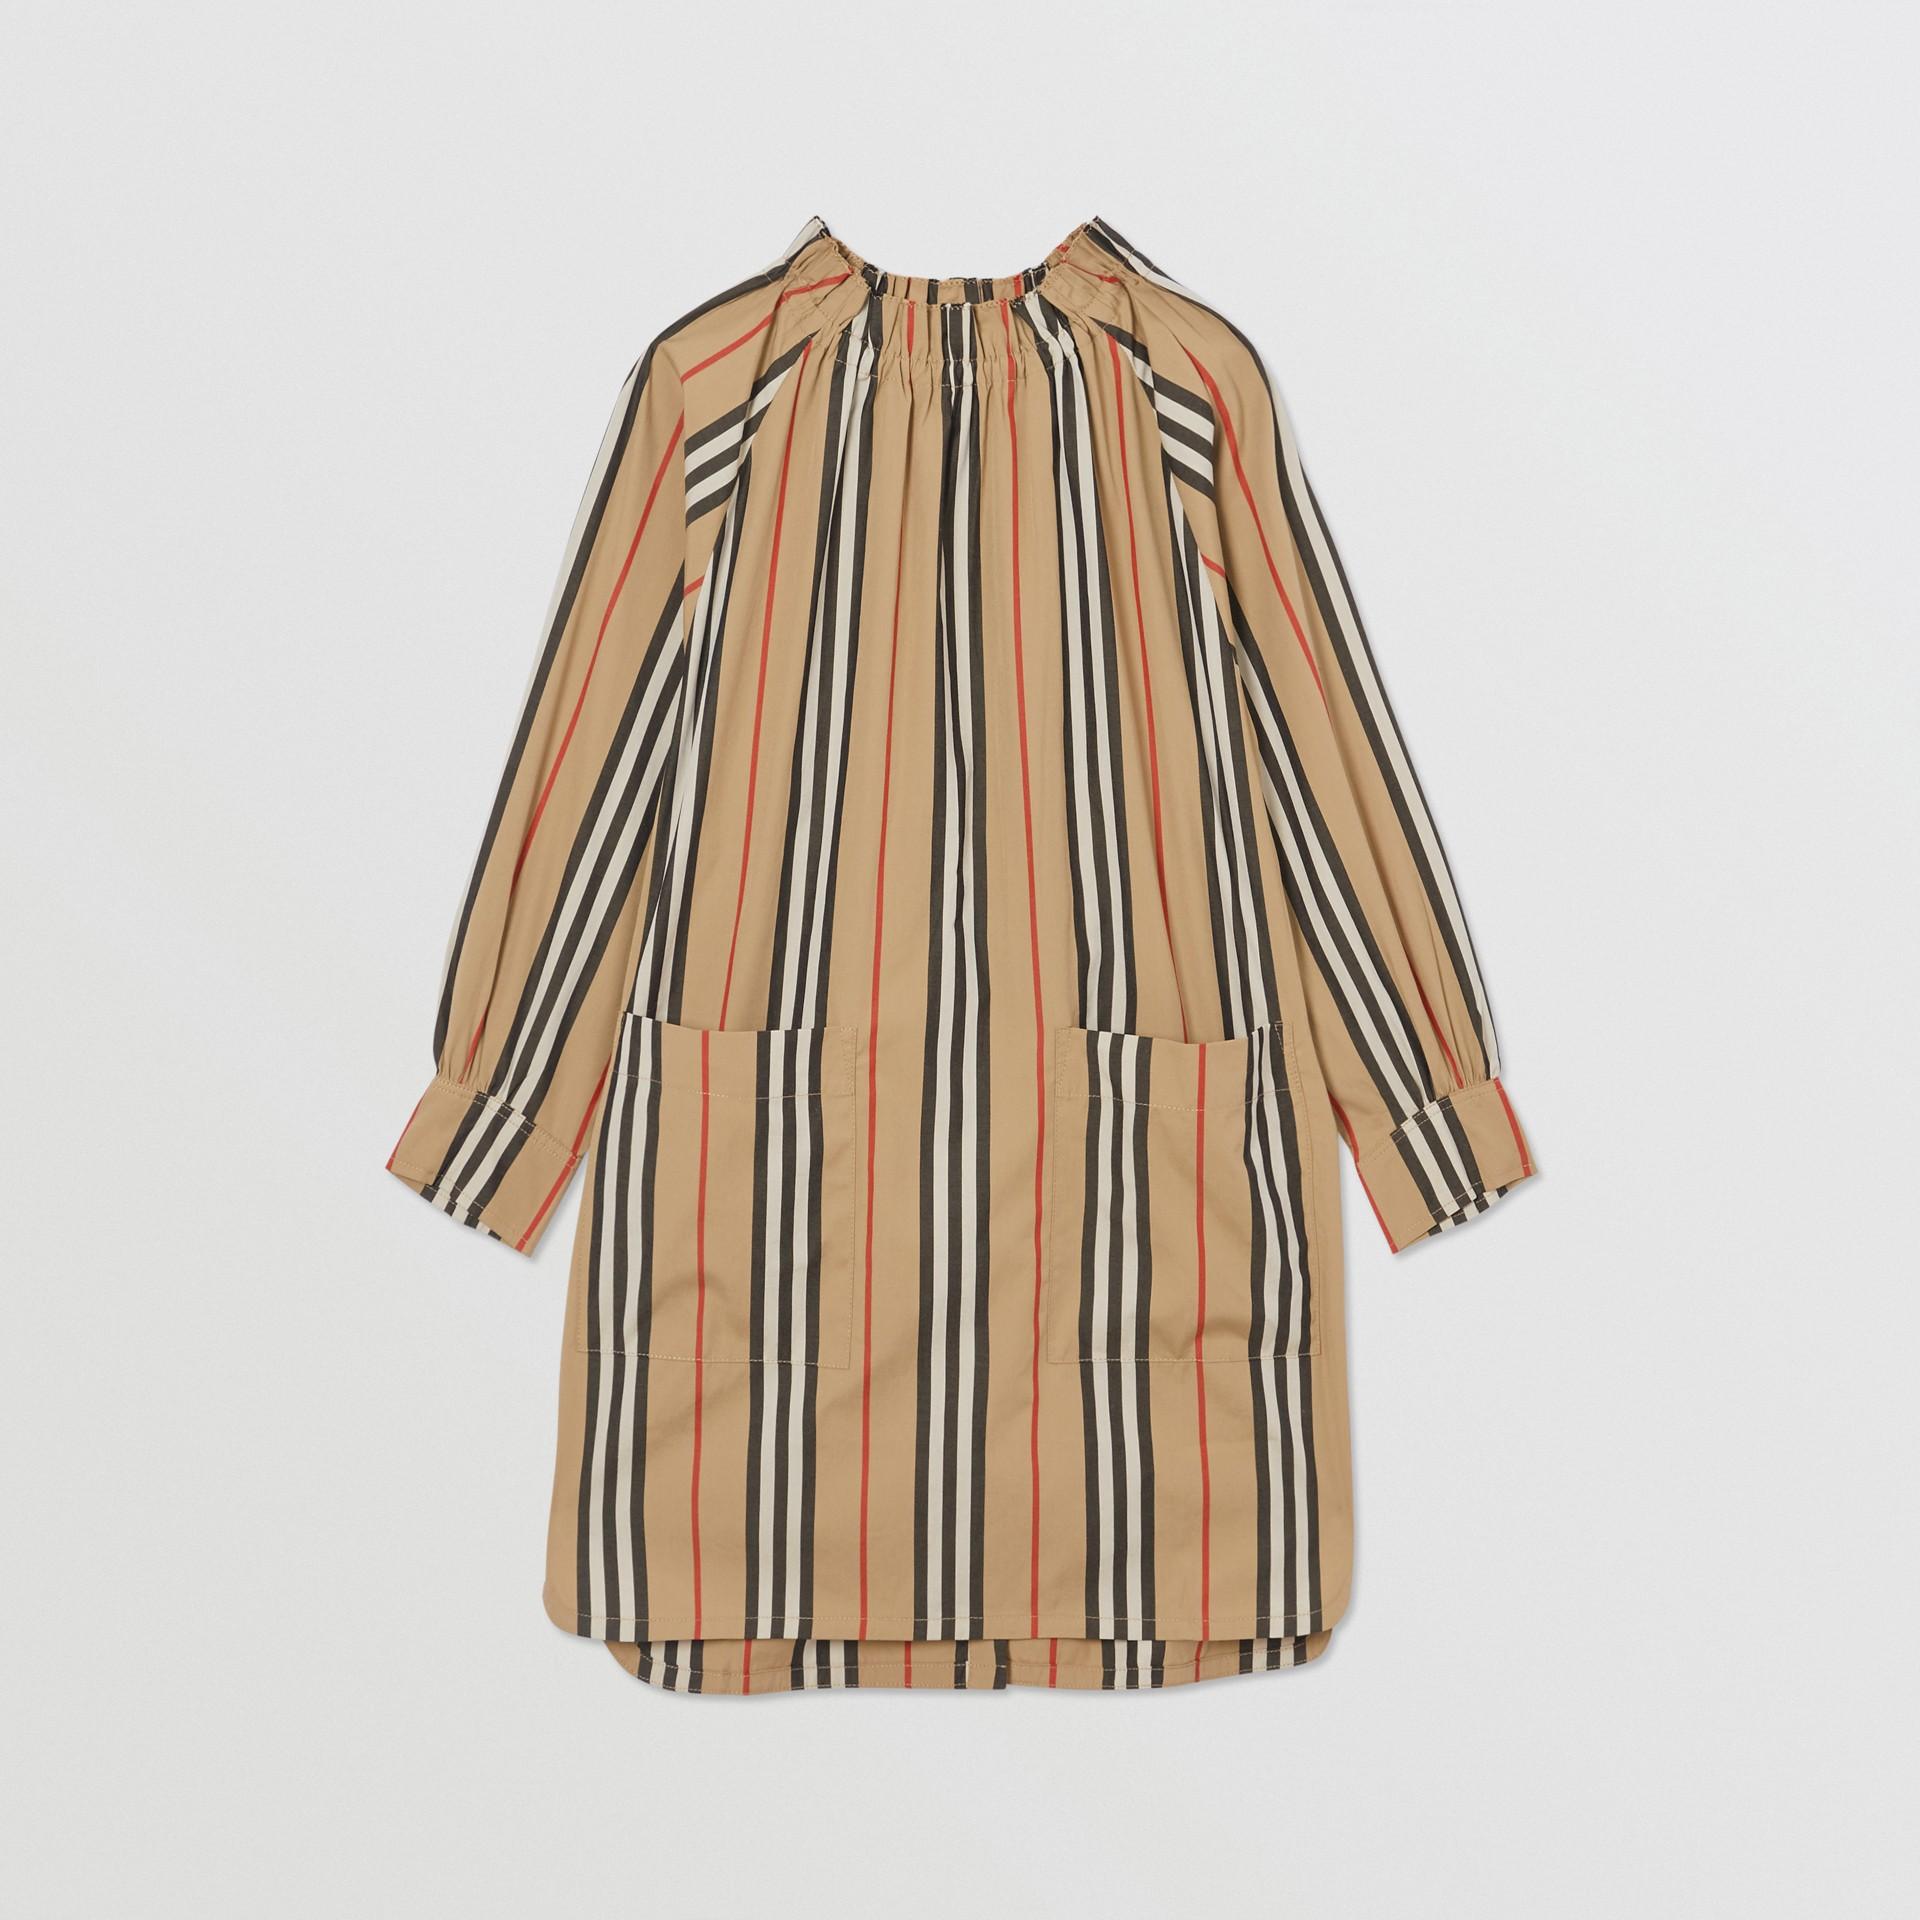 アイコンストライプ コットンポプリン ドレス (アーカイブベージュ) | バーバリー - ギャラリーイメージ 0